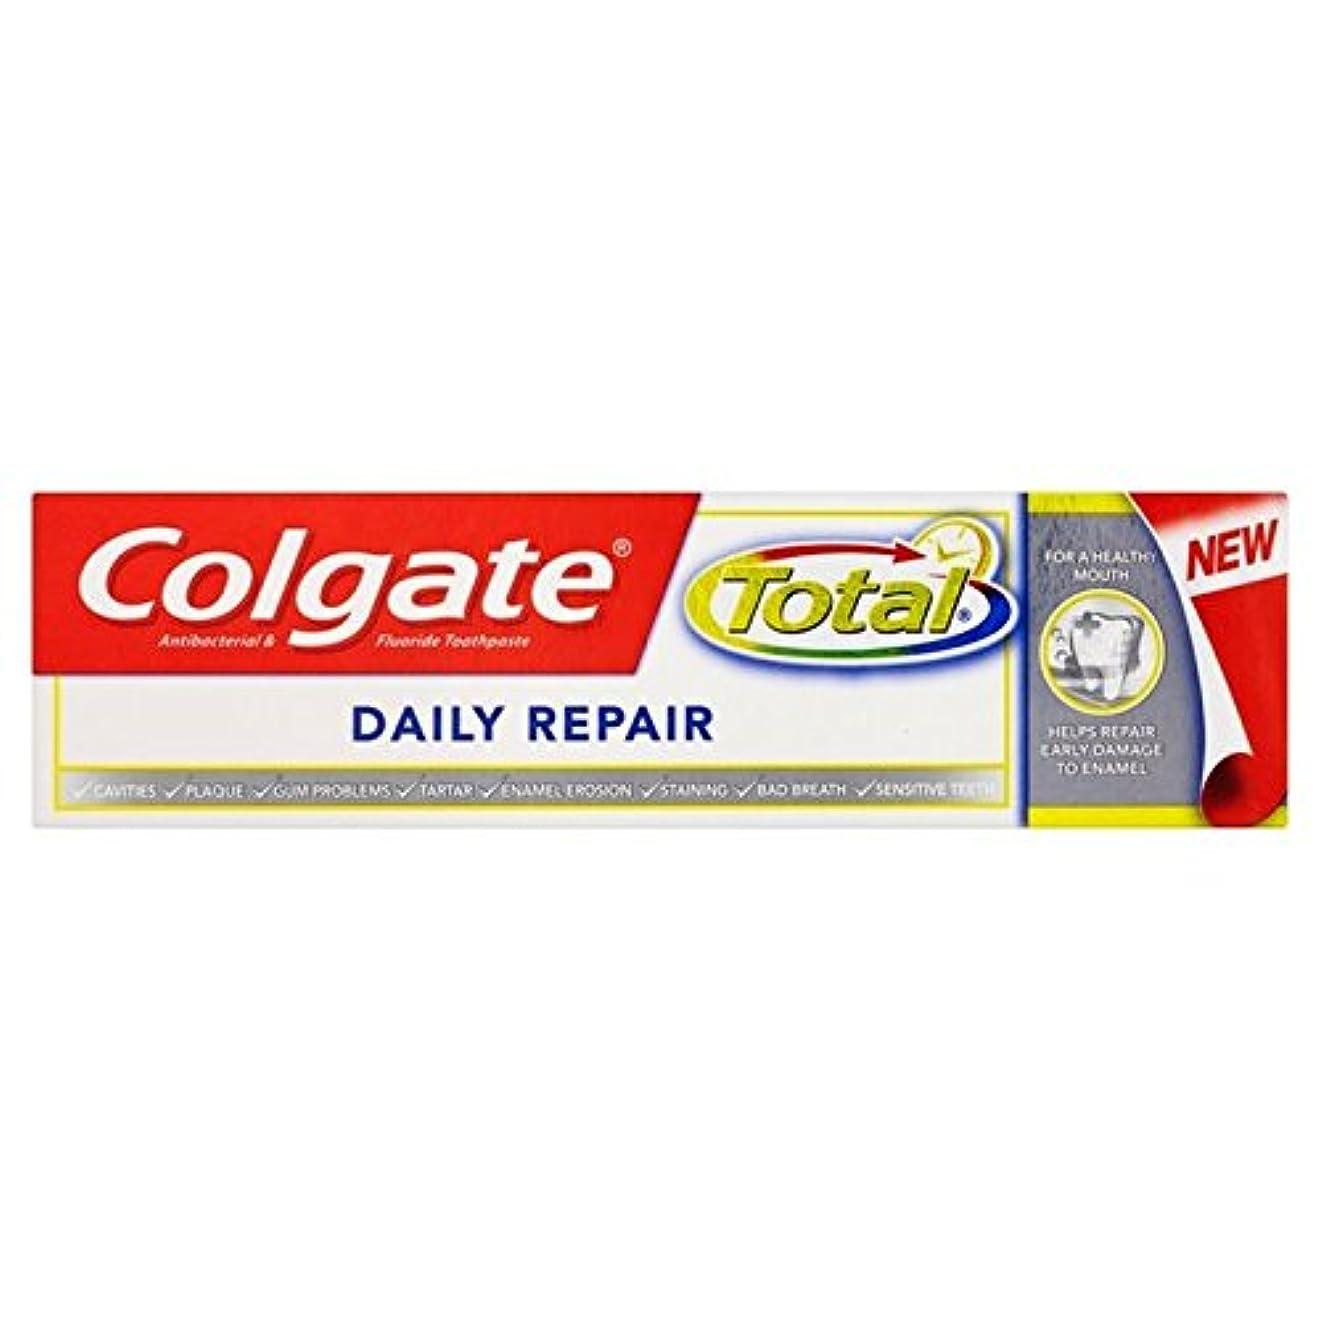 ライター朝の体操をする窓コルゲートトータル毎日修理歯磨き粉75ミリリットル x2 - Colgate Total Daily Repair Toothpaste 75ml (Pack of 2) [並行輸入品]